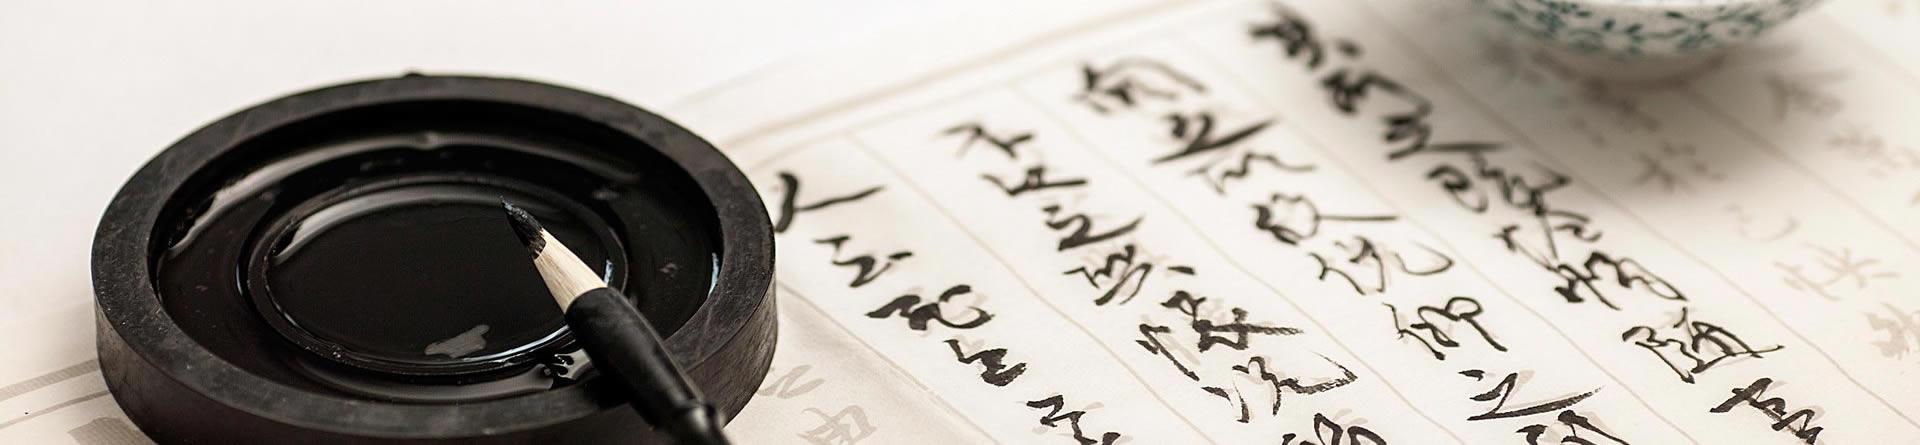 郑州圆心书画